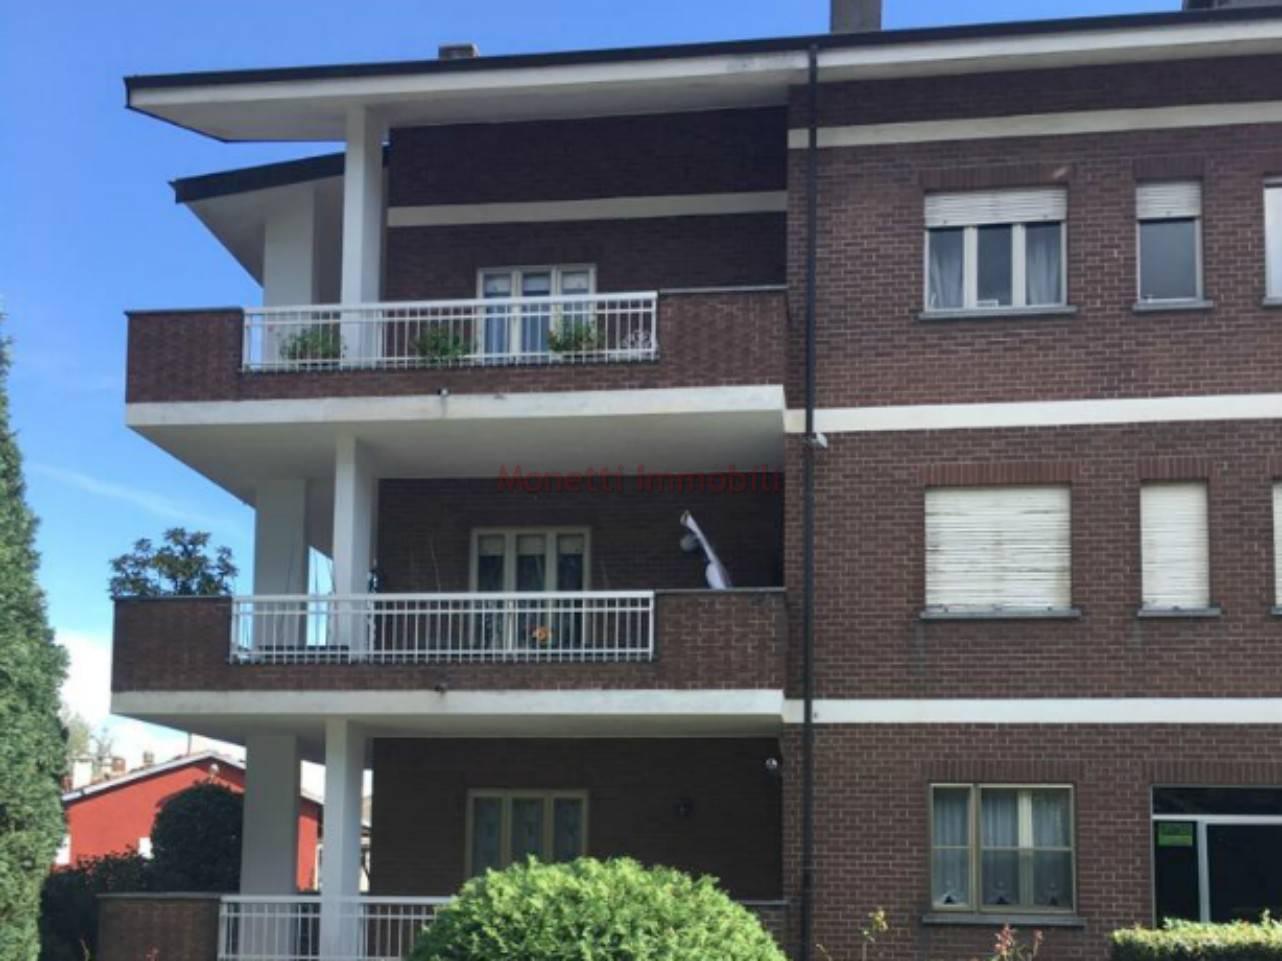 Attico / Mansarda in affitto a San Secondo di Pinerolo, 1 locali, prezzo € 380 | PortaleAgenzieImmobiliari.it